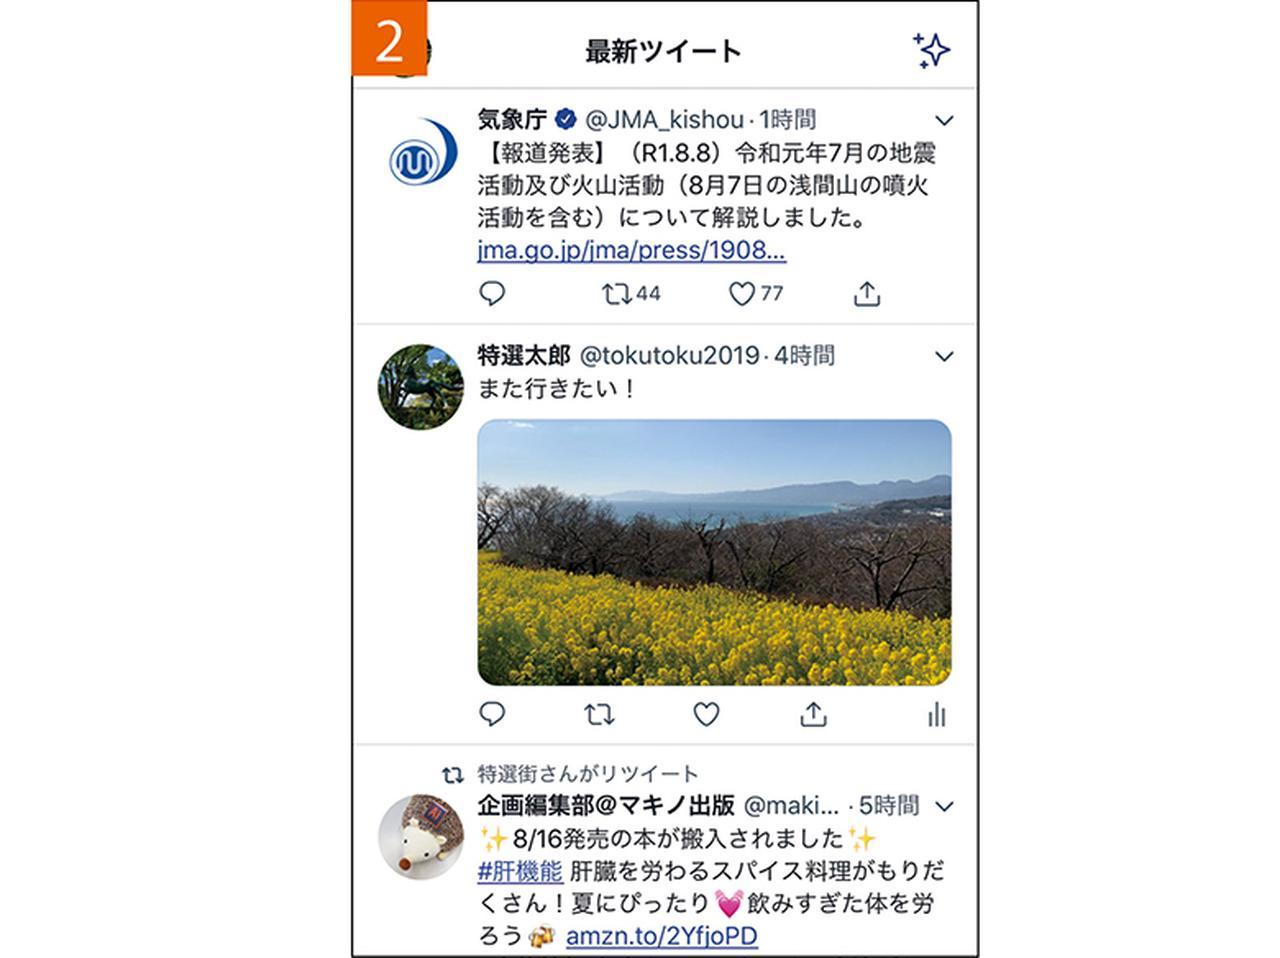 画像2: 【ツイッターのタイムライン】ホーム表示から最新ツイートに変更する方法 整理には「リスト」を使おう!